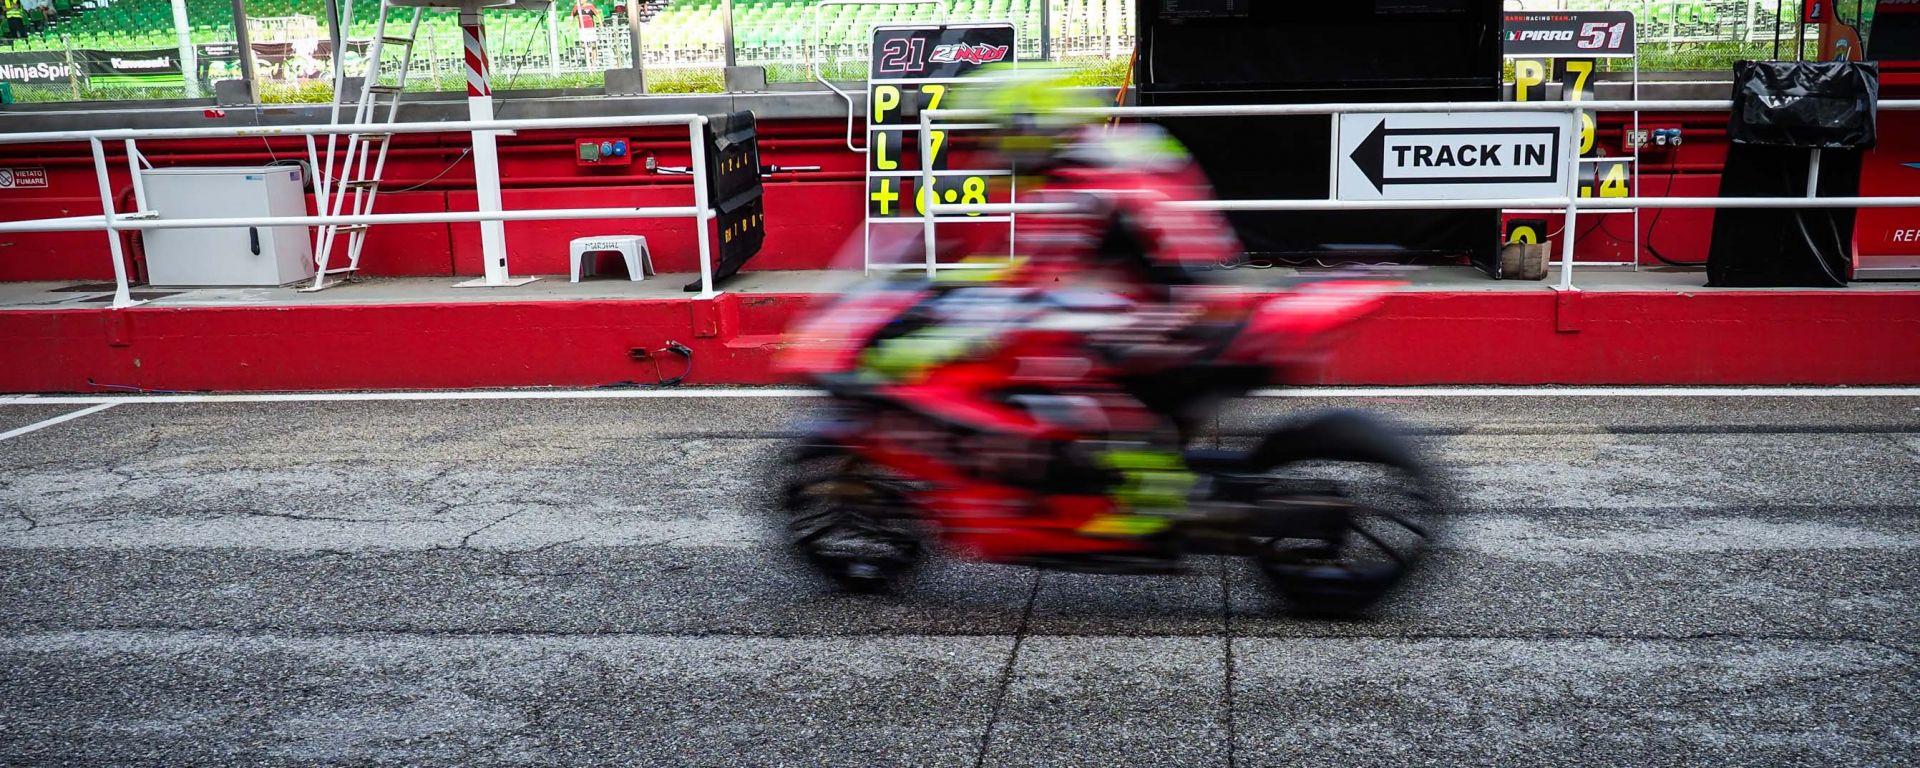 Misano World Circuit, Superbike